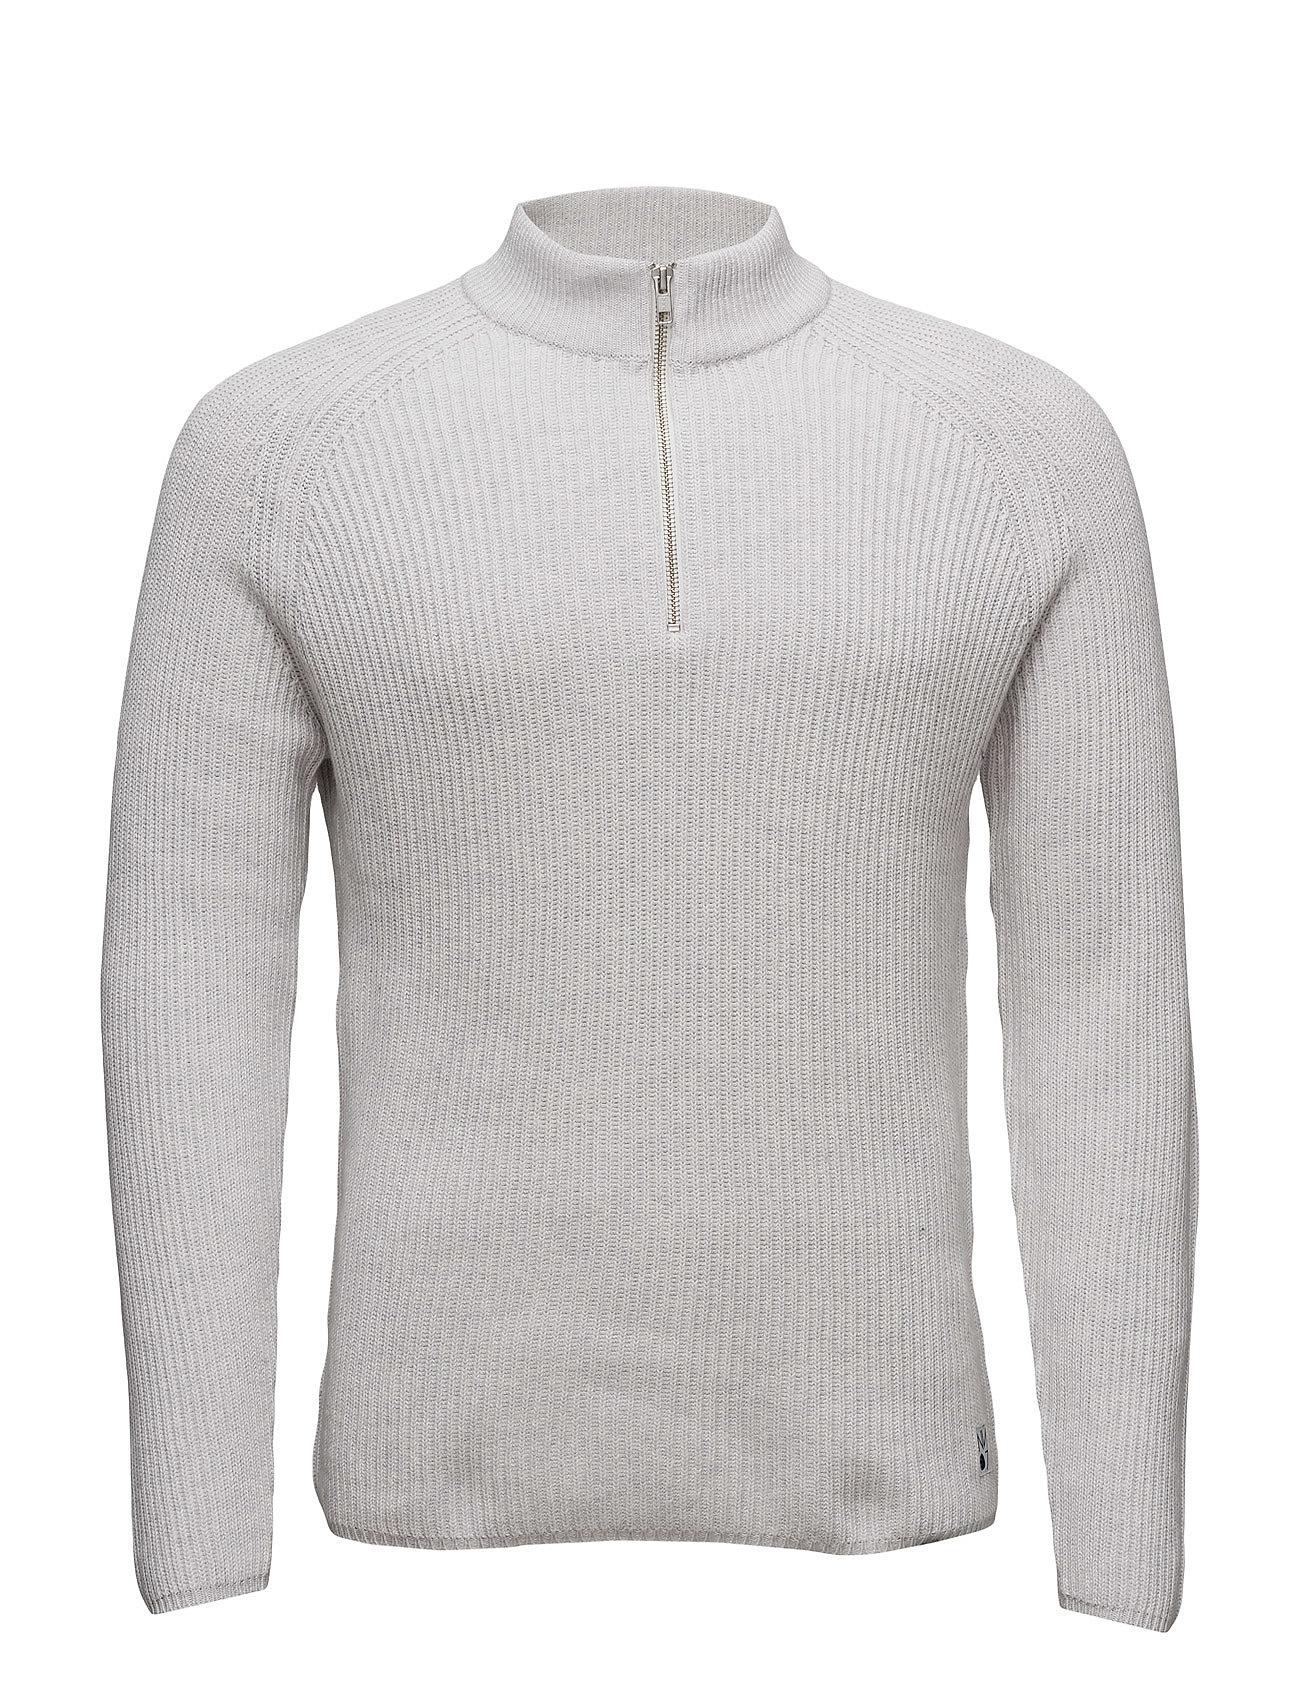 kläder online (Sida 2406 av 2552) 3ec3e713ff3a9